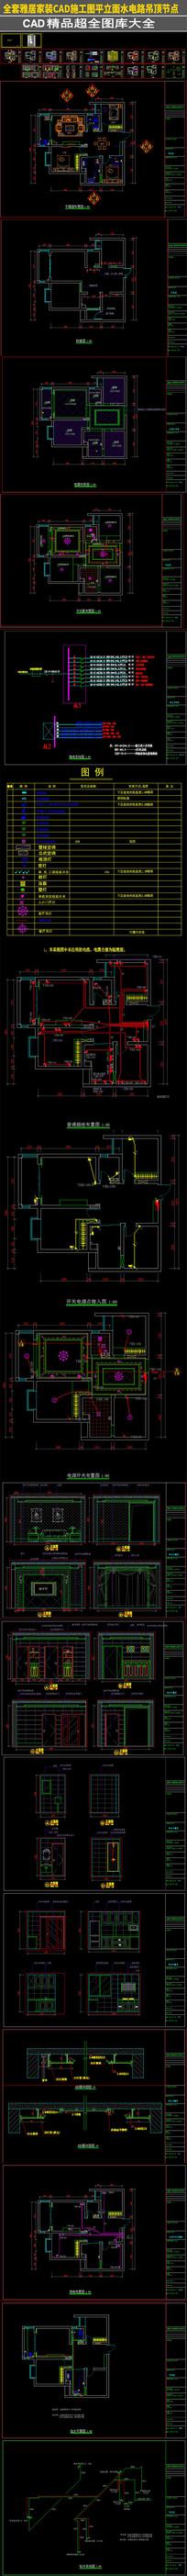 全套雅居家装CAD平立面水电路吊顶节点